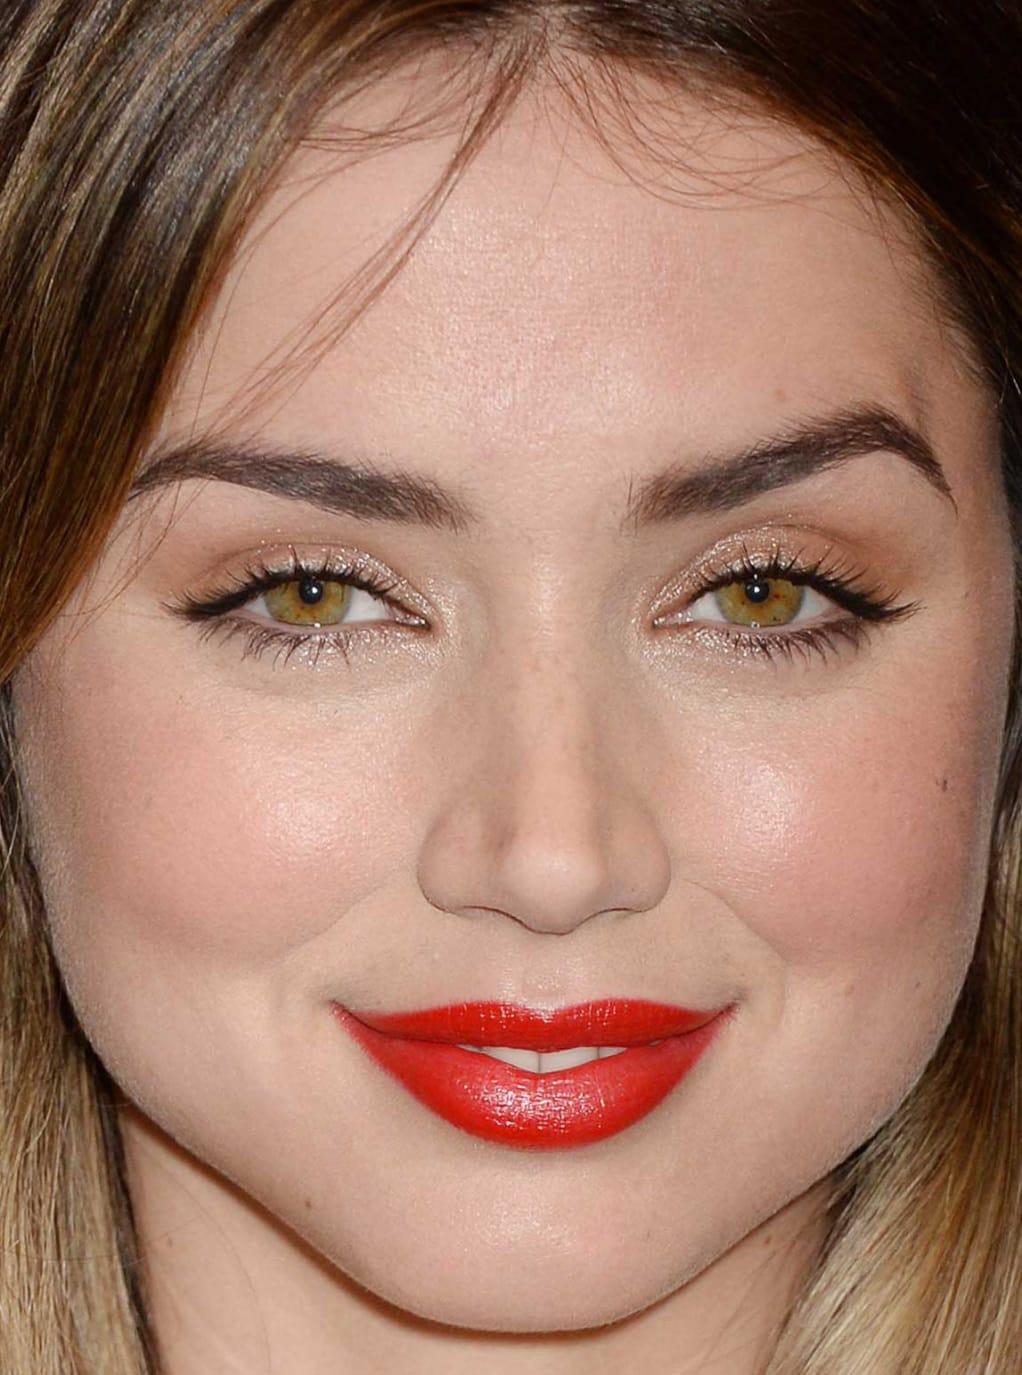 Hazel eyes - Personas famosas con los ojos de color AVELLANA Ana-de-armas-hfpa-and-instyle-golden-globes-75th-anniversary-celebration-2017-close-up